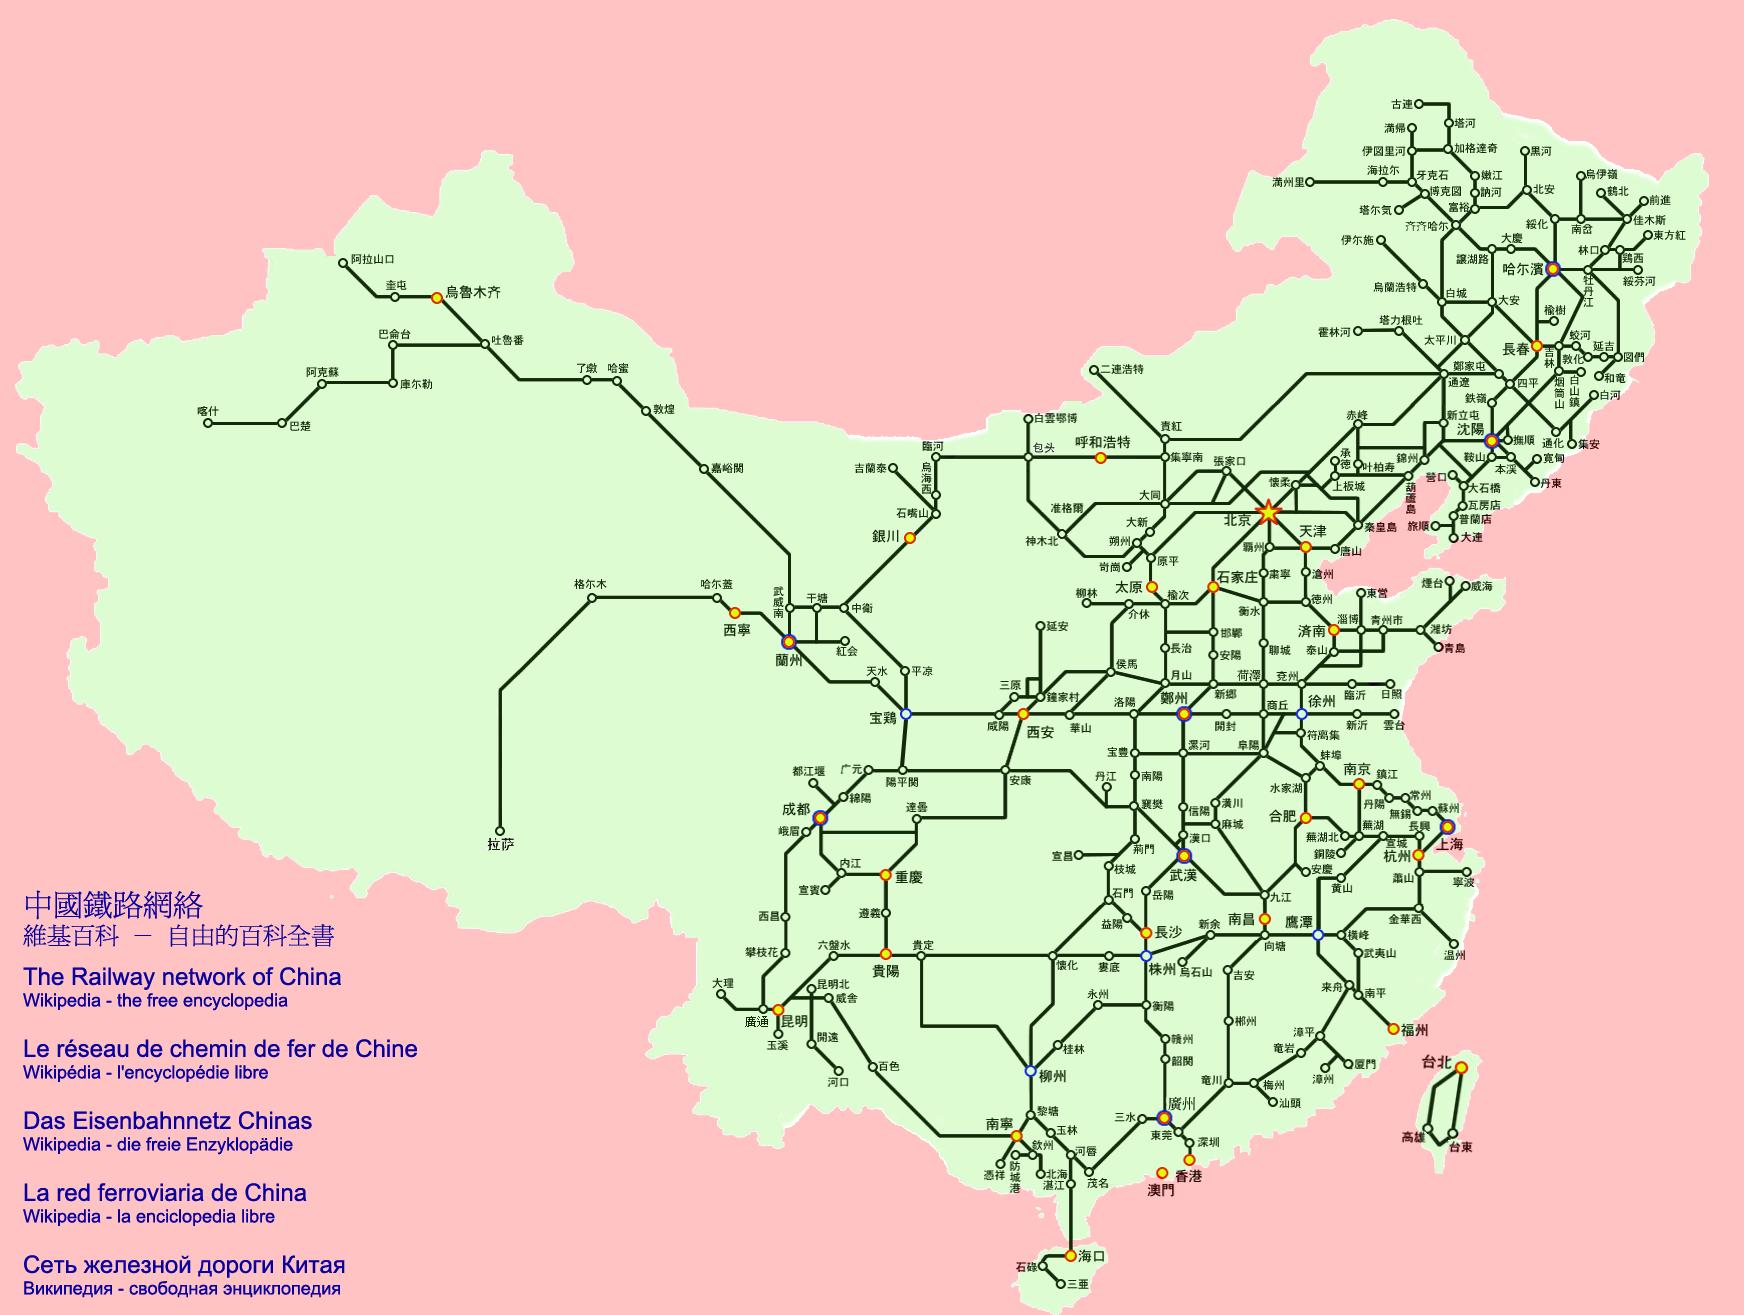 Landkarte China Karte Eisenbahnnetz Weltkarte Com Karten Und